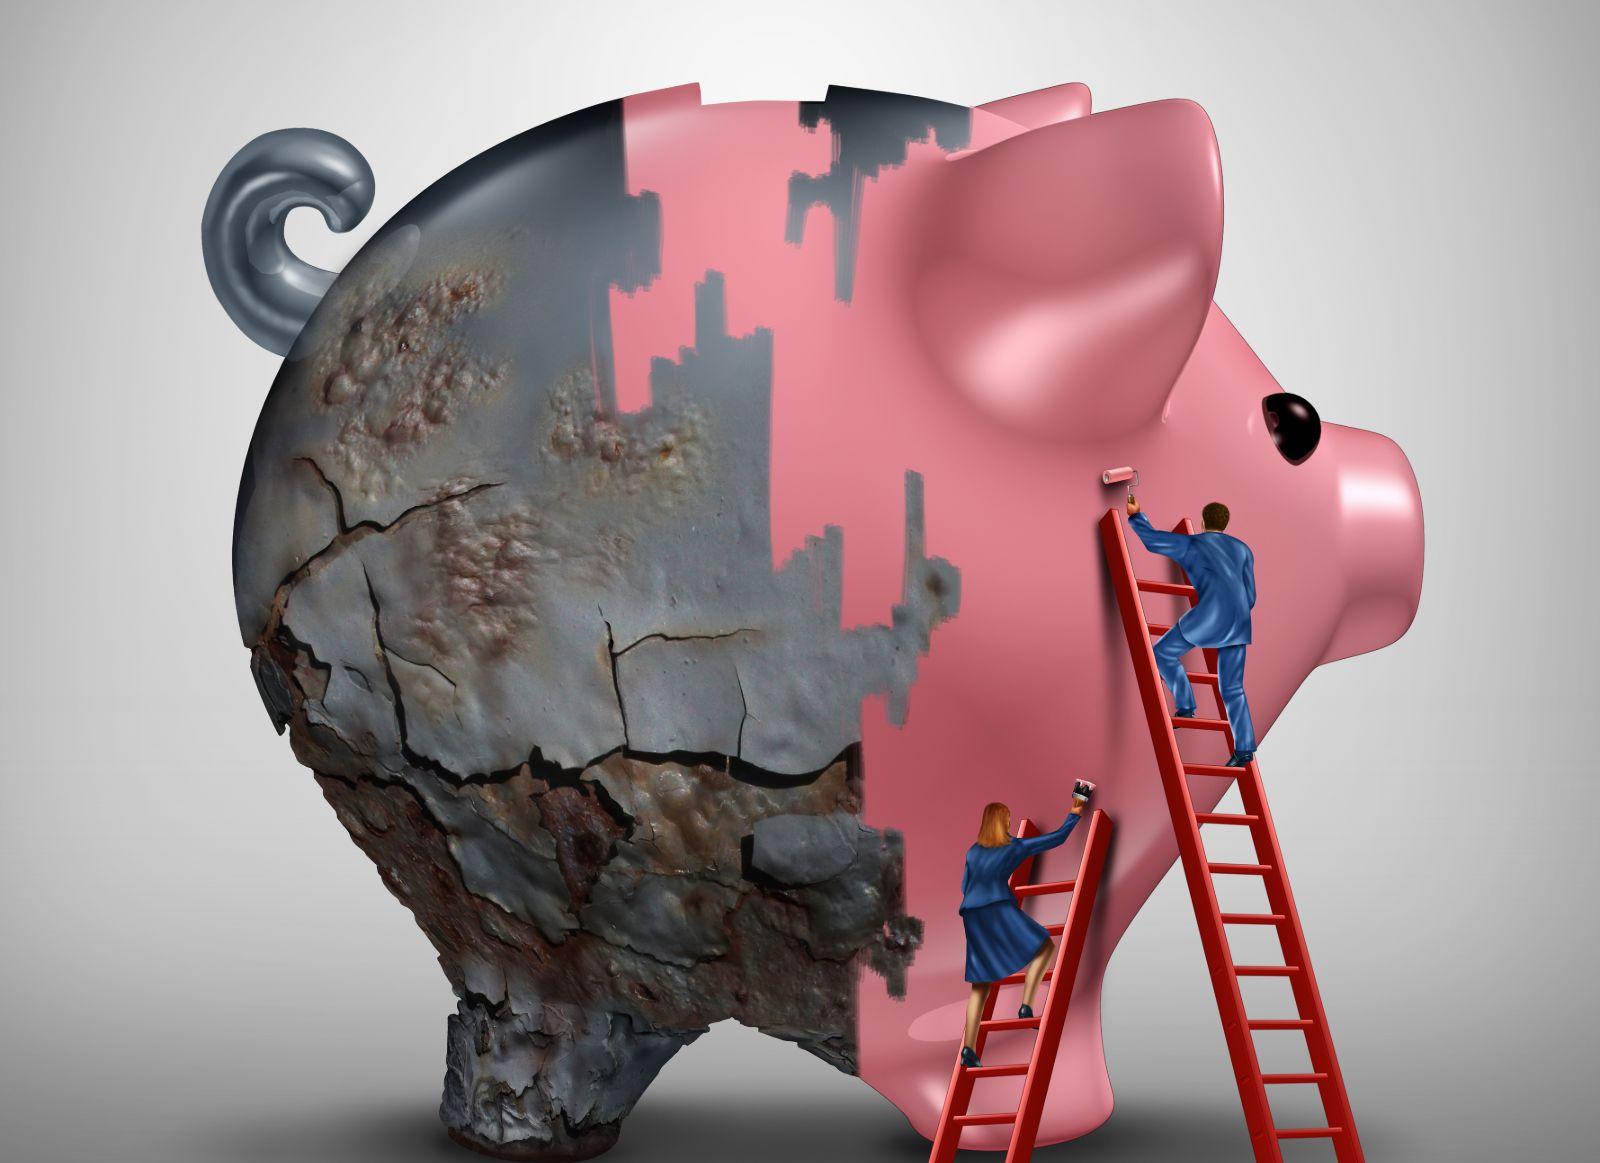 recuperacion economica analisis arturo curtze